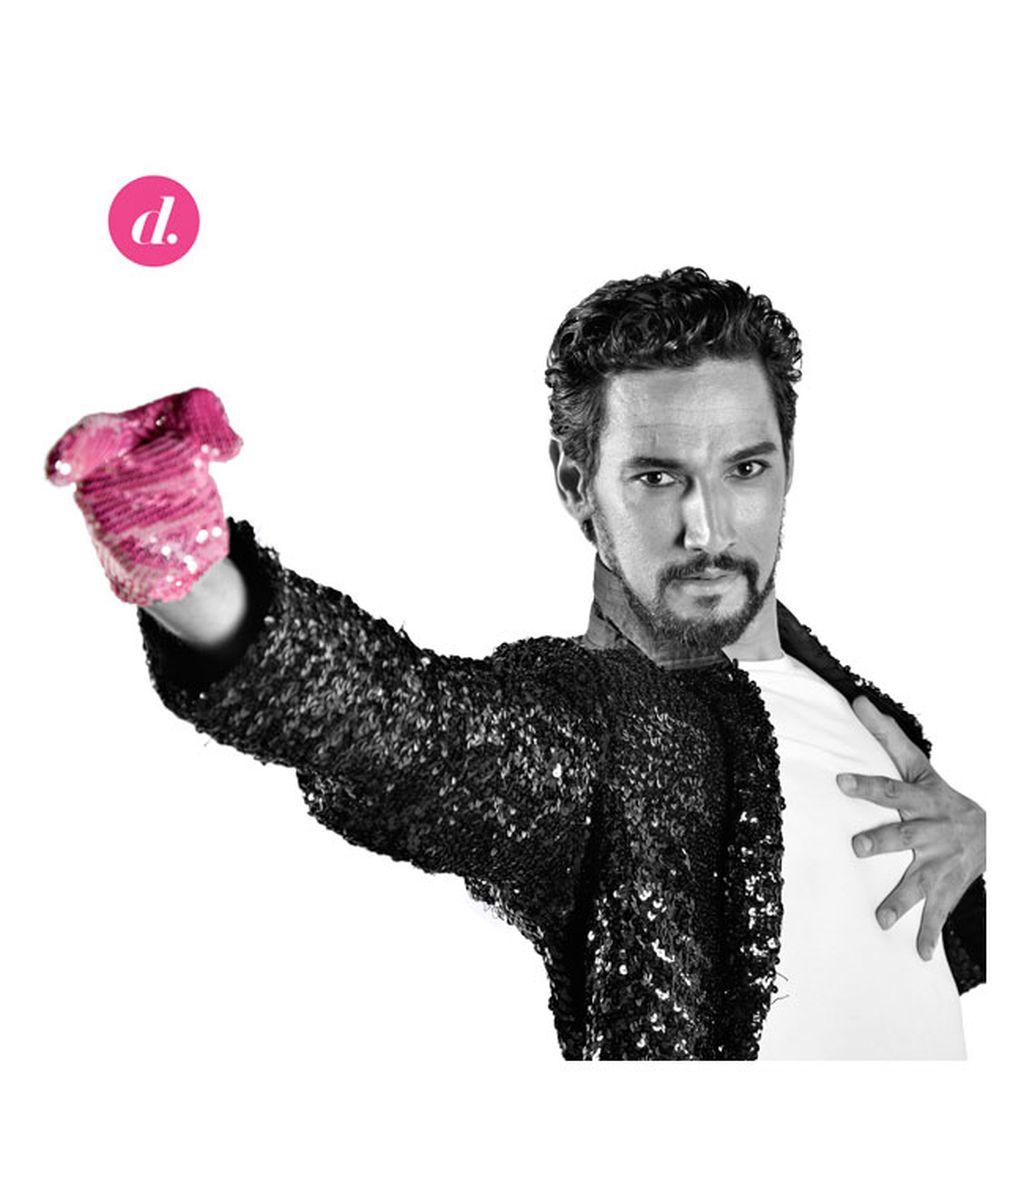 El malvado Khaled de 'El Príncipe' se convierte en 'el Rey del pop'